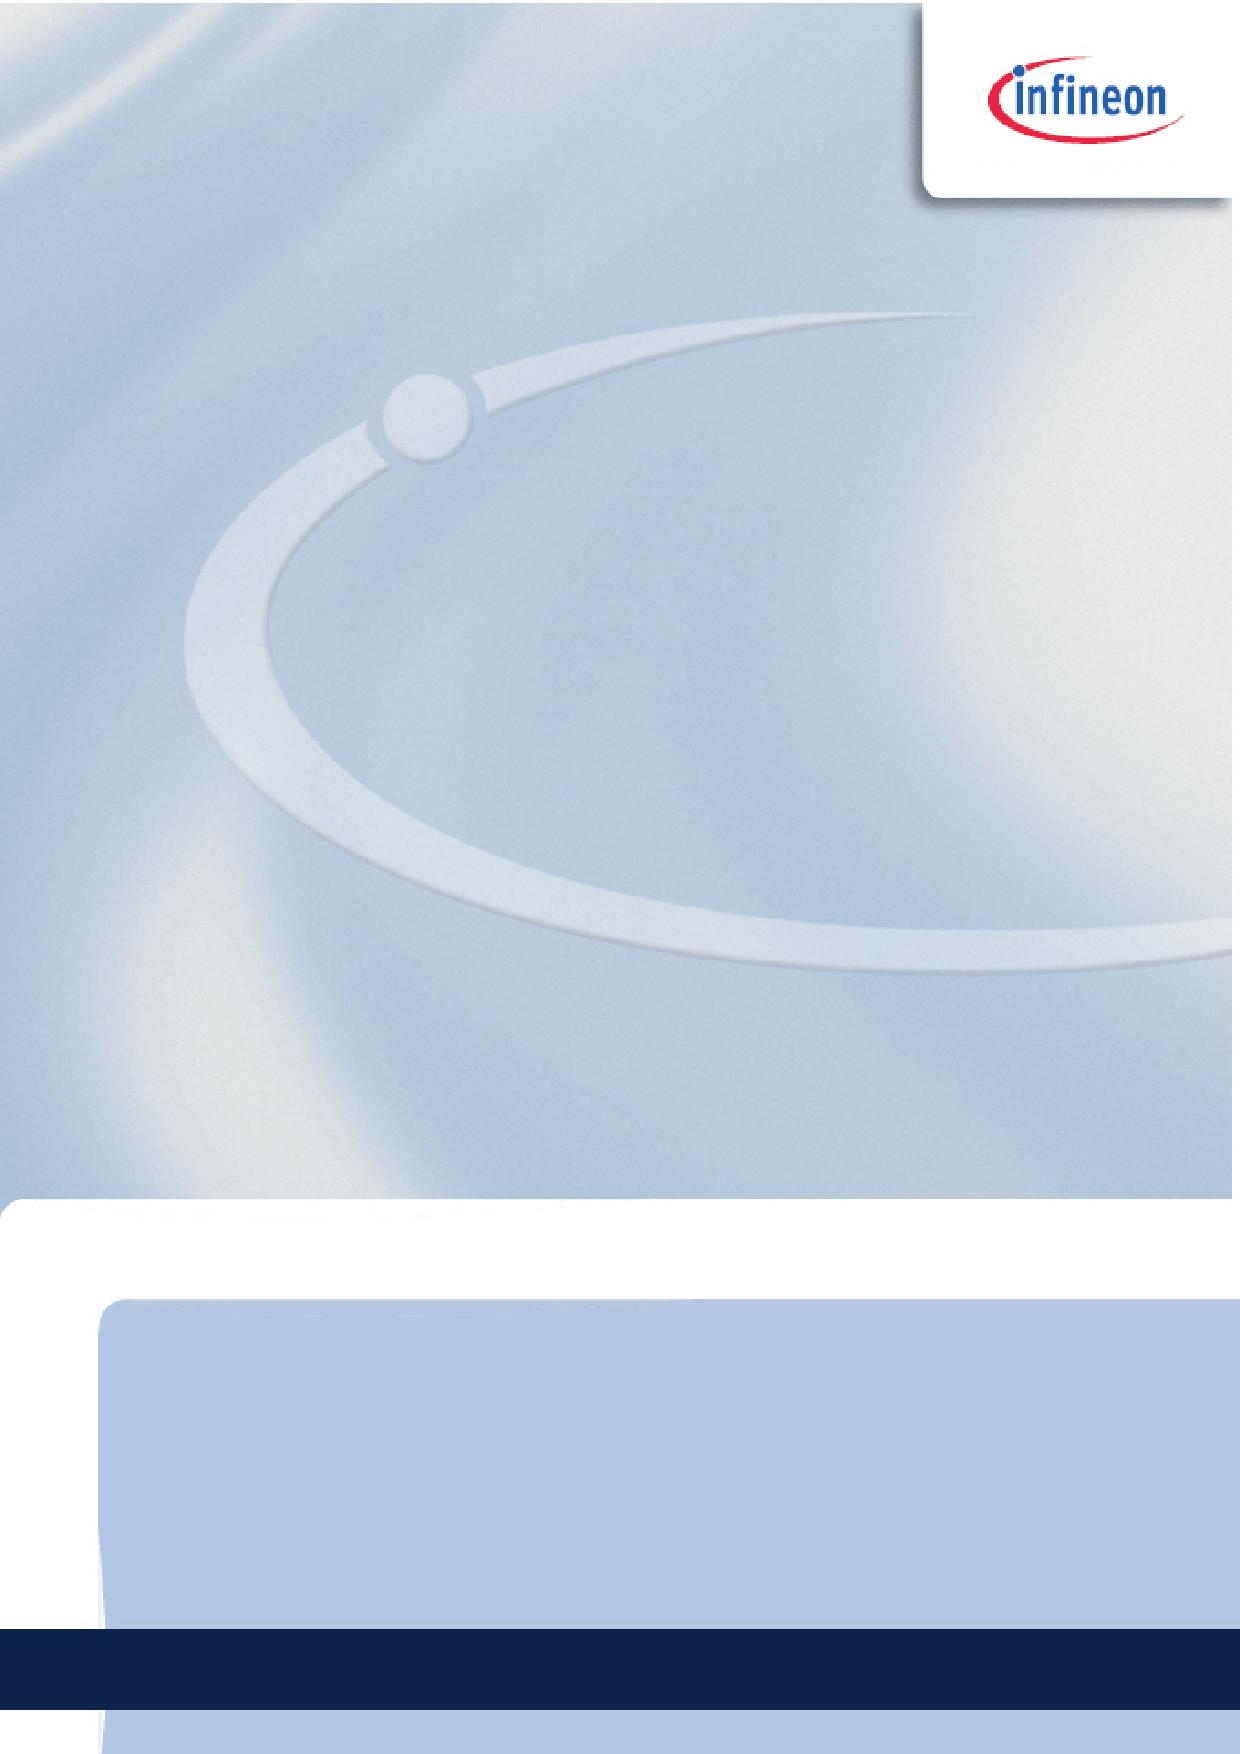 IPL65R099C7 Datasheet, IPL65R099C7 PDF,ピン配置, 機能